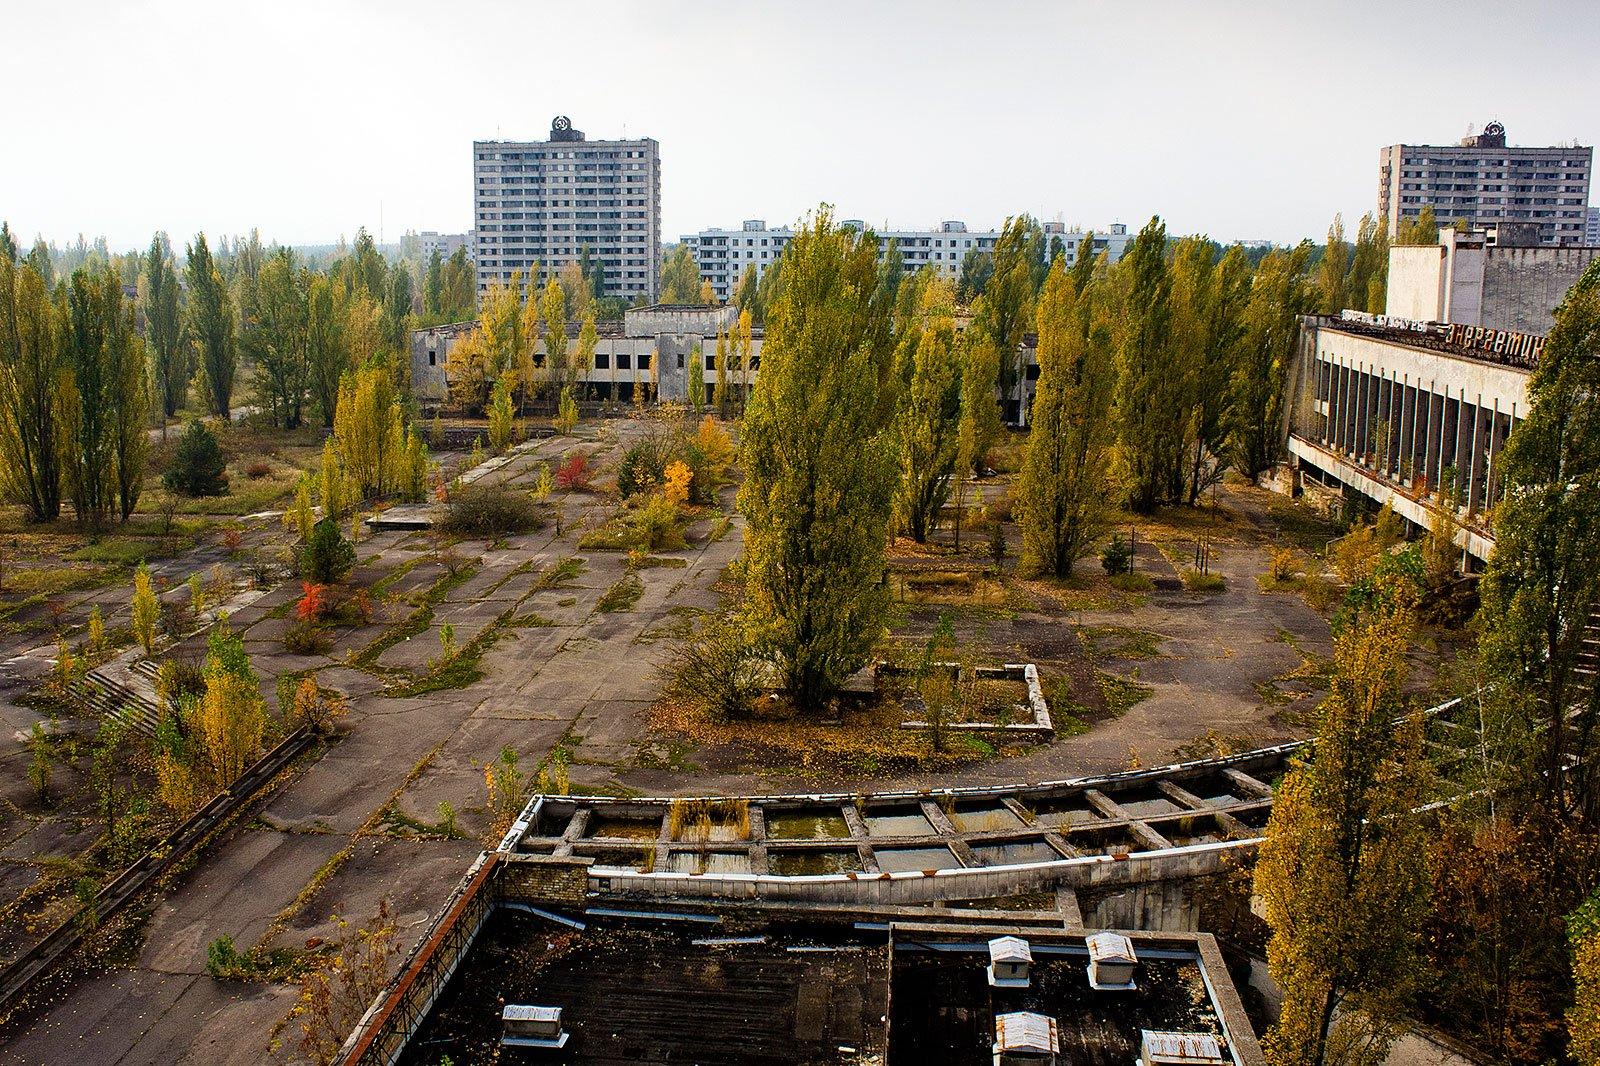 chernobyl - photo #7